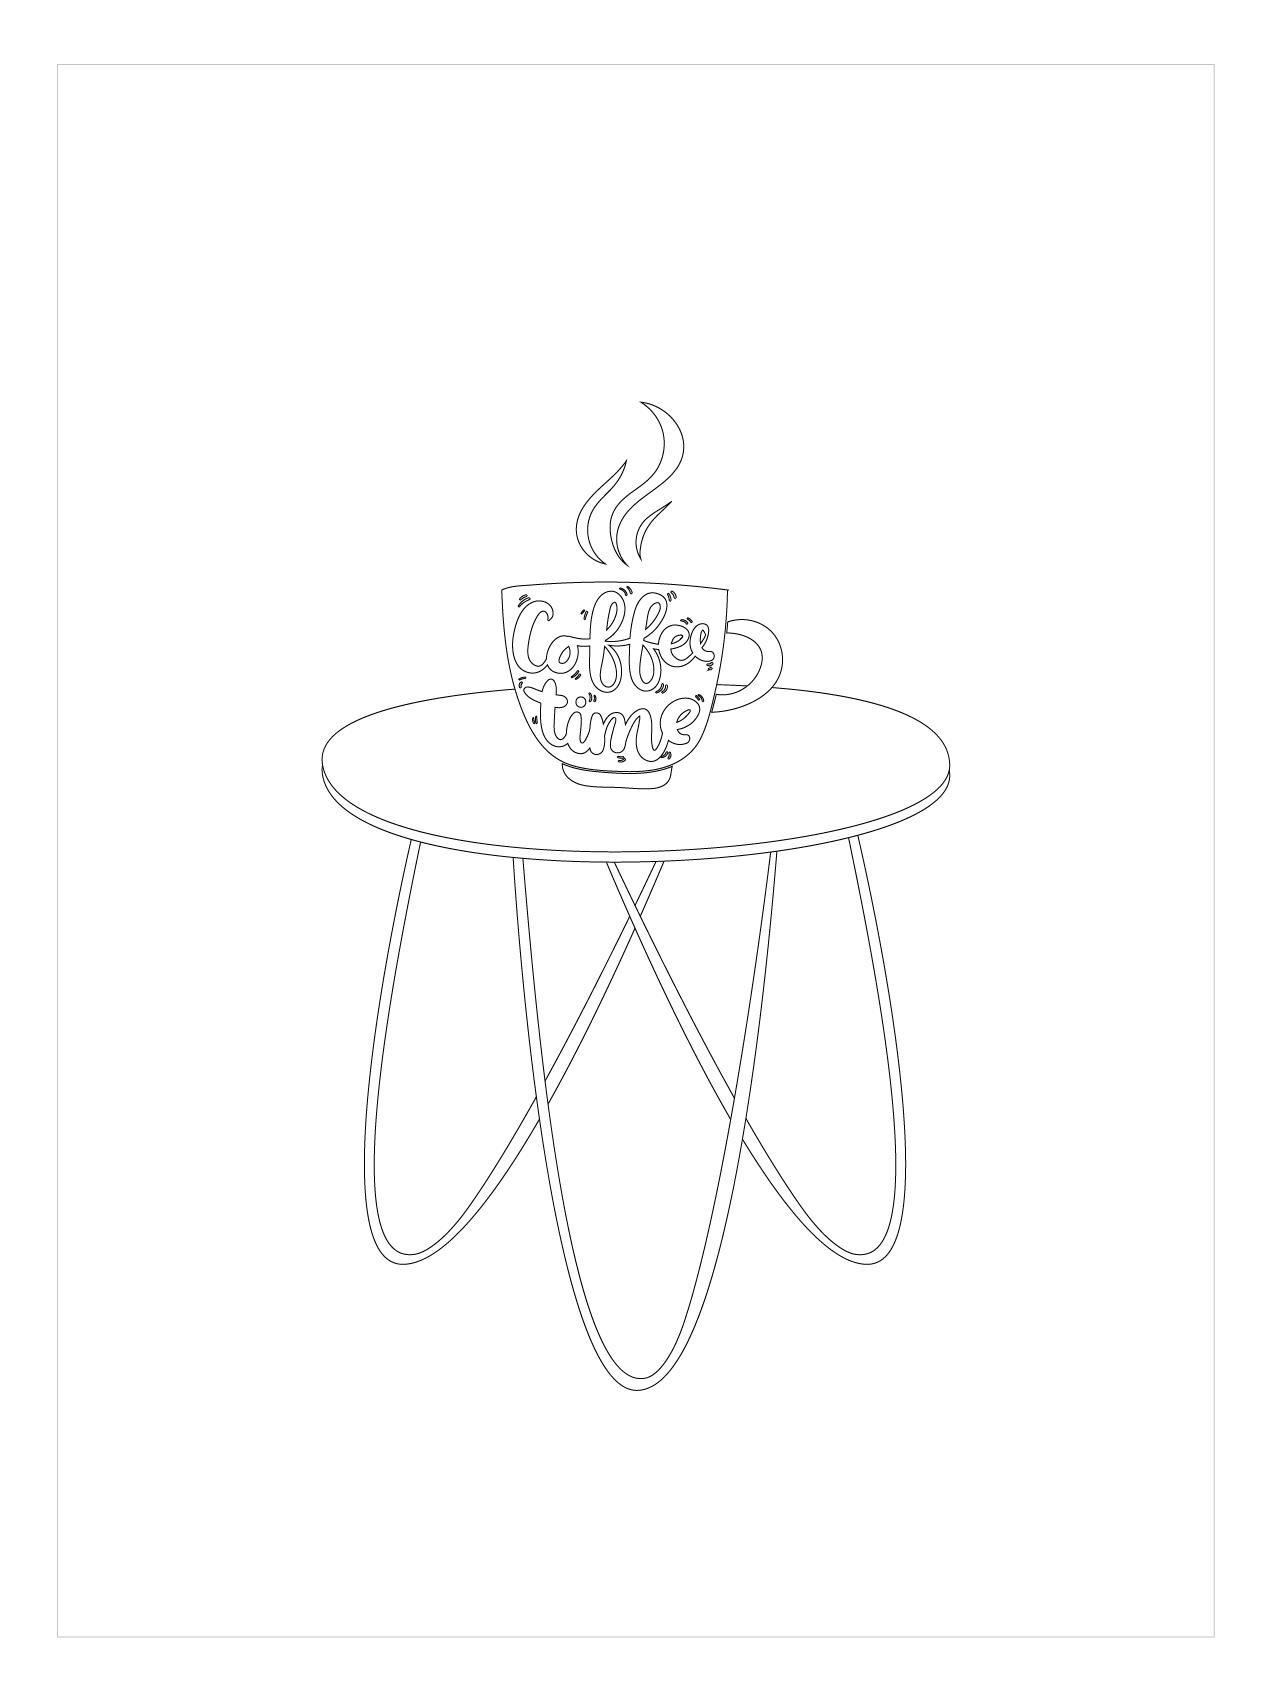 Tranh tô màu bàn uống cà phê